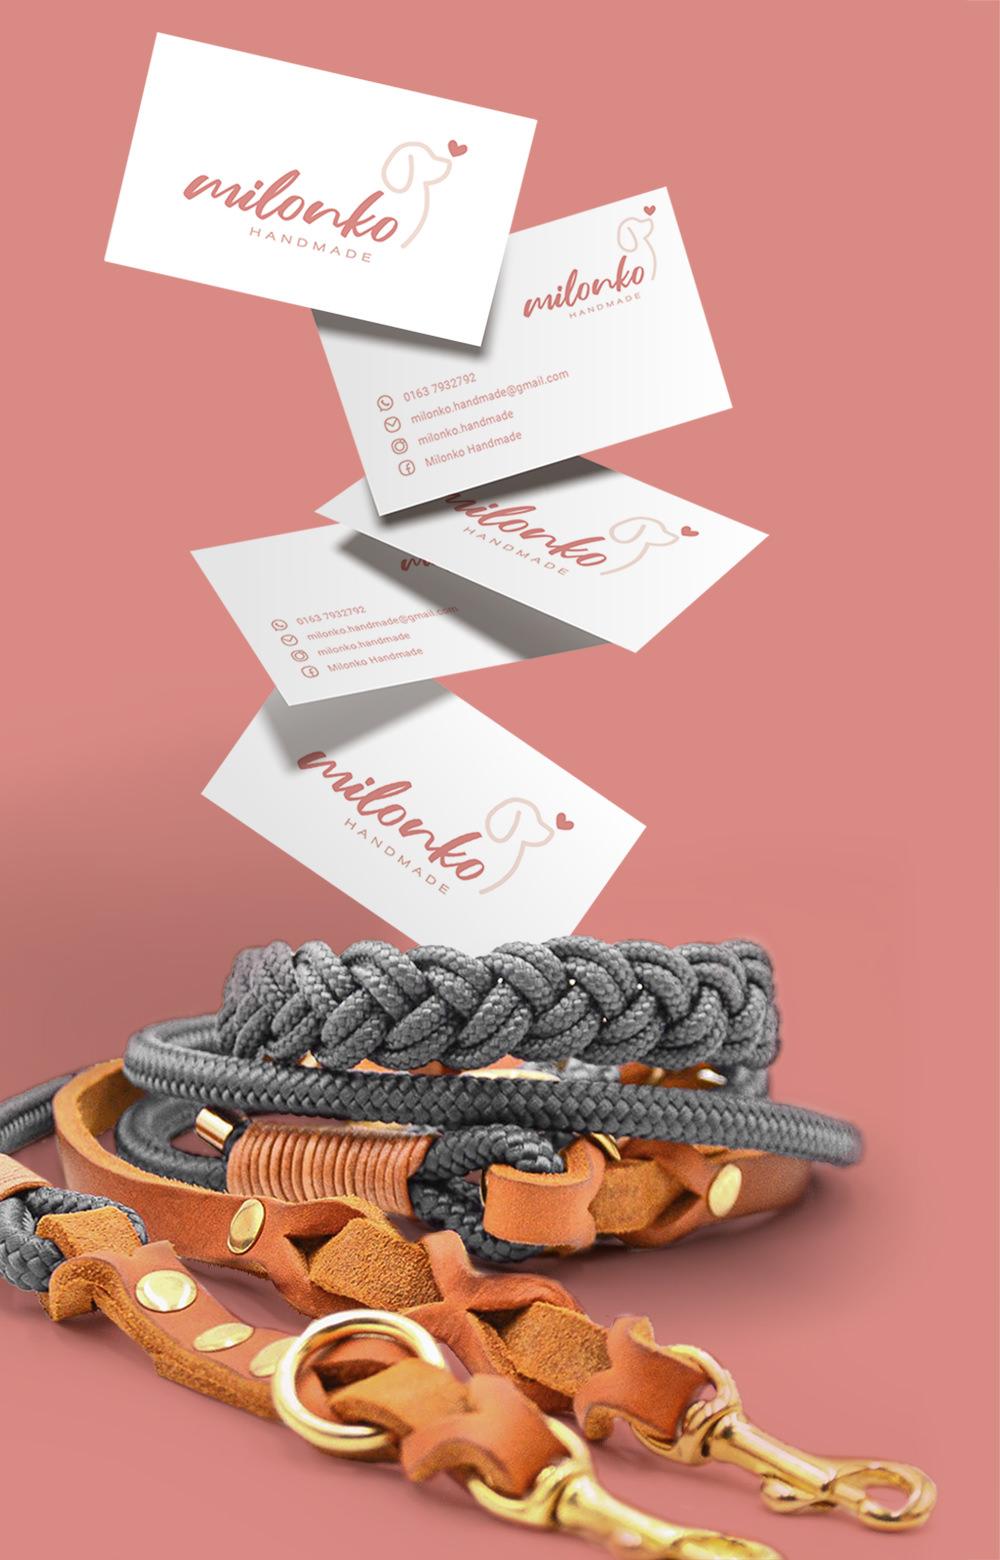 MAGES Design l Referenzen l Milonko Handmade Visitenkarten